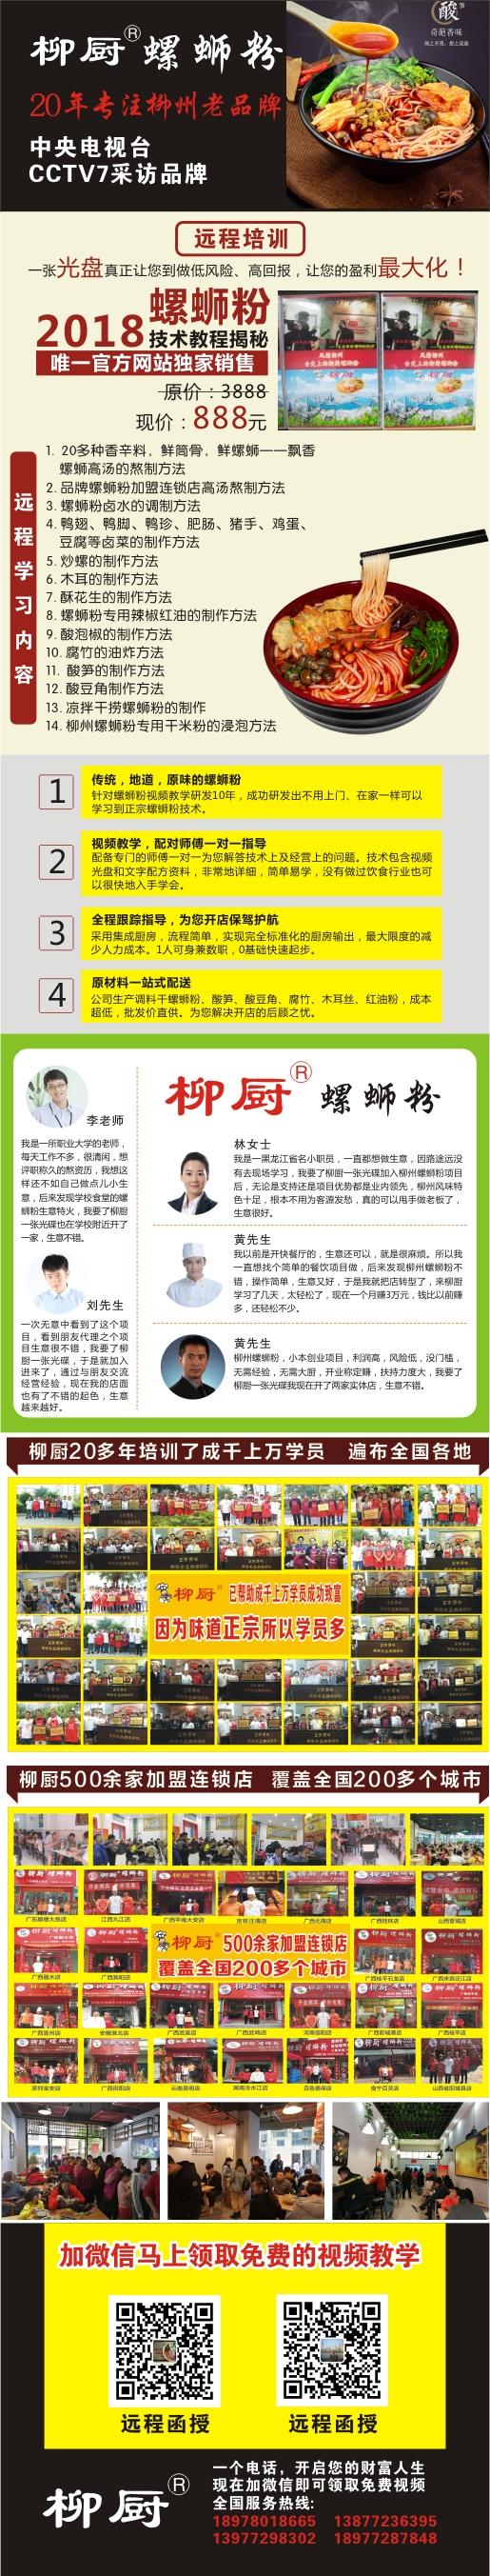 柳厨远程培训 网站图.jpg